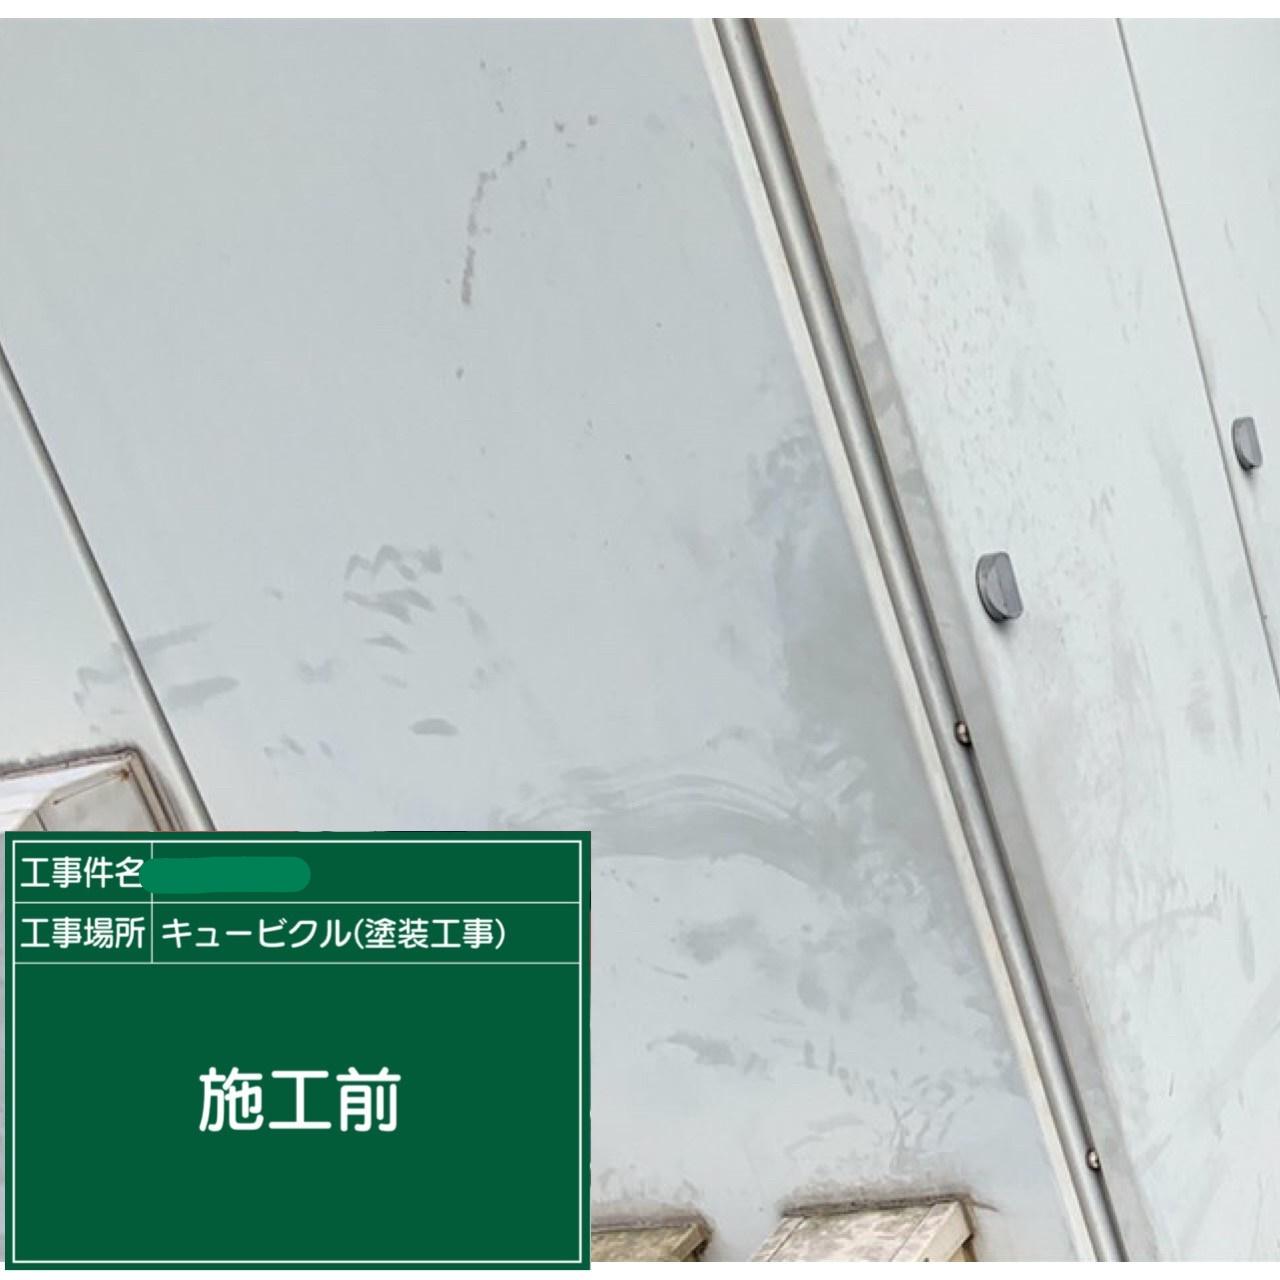 【キュービクル】①施工前